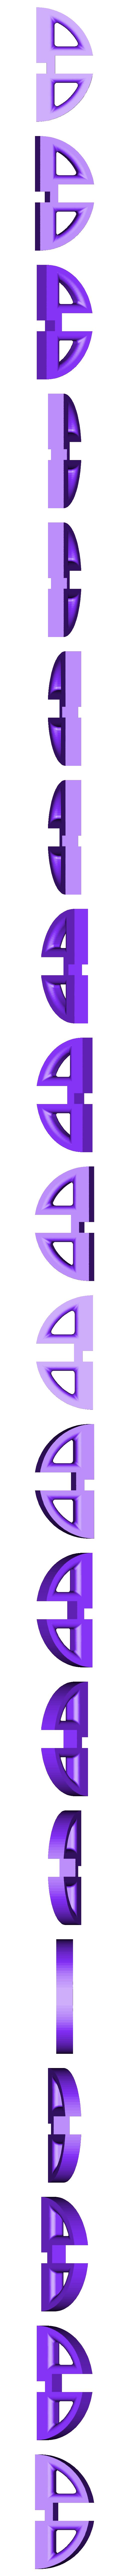 A.stl Télécharger fichier STL gratuit Puzzle Saturnus • Objet à imprimer en 3D, mtairymd